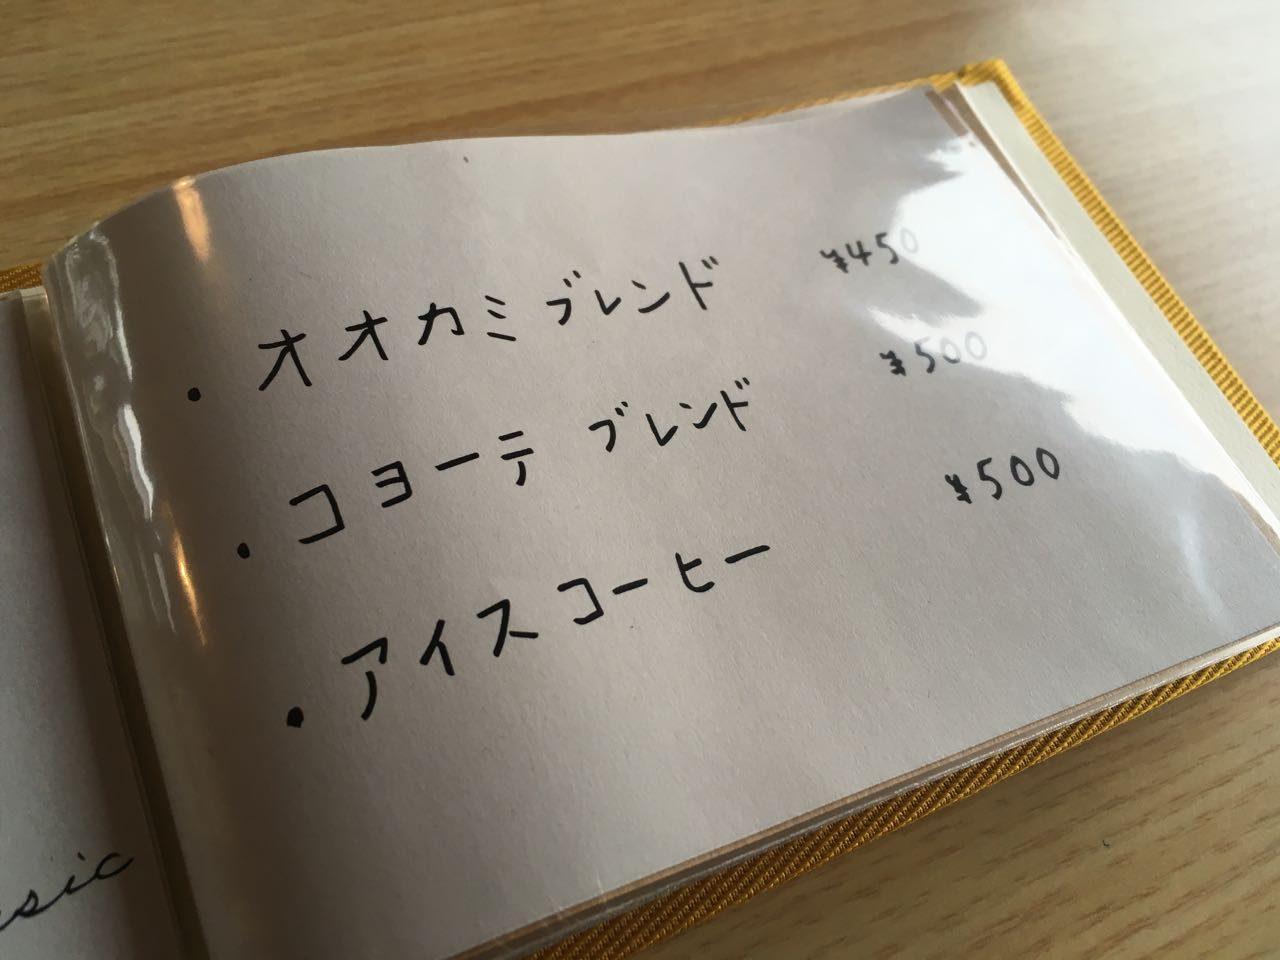 みとん今治,オオカミ珈琲,上徳,新規オープン,レコード,カフェ